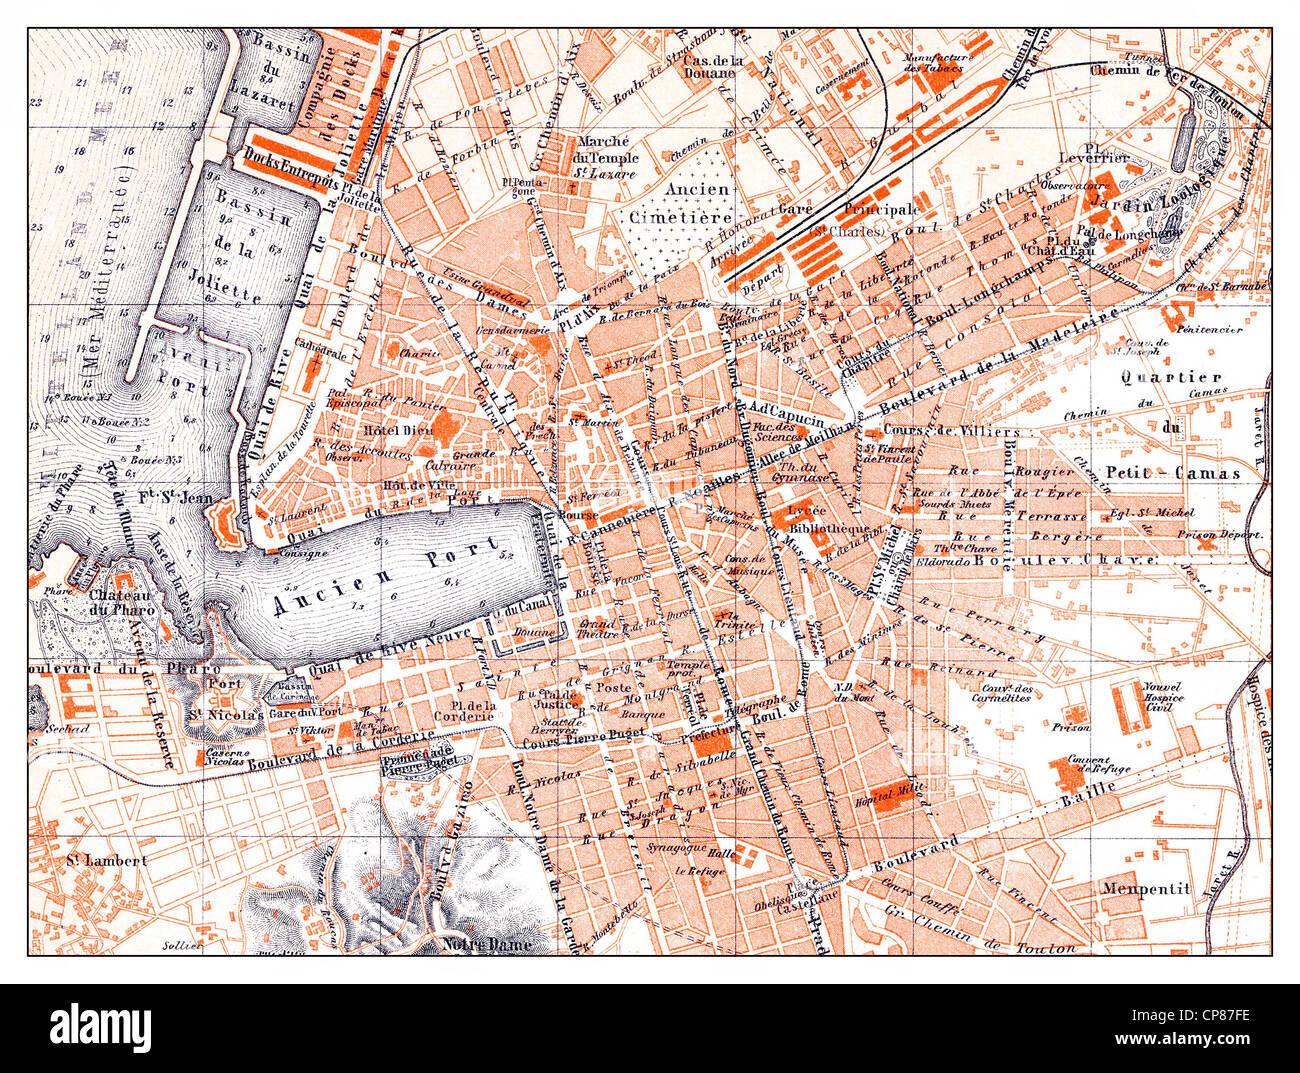 Historical map of Marsaille, France, Historische, zeichnerische Darstellung, Stadtplan von Marsaille, Frankreich, - Stock Image